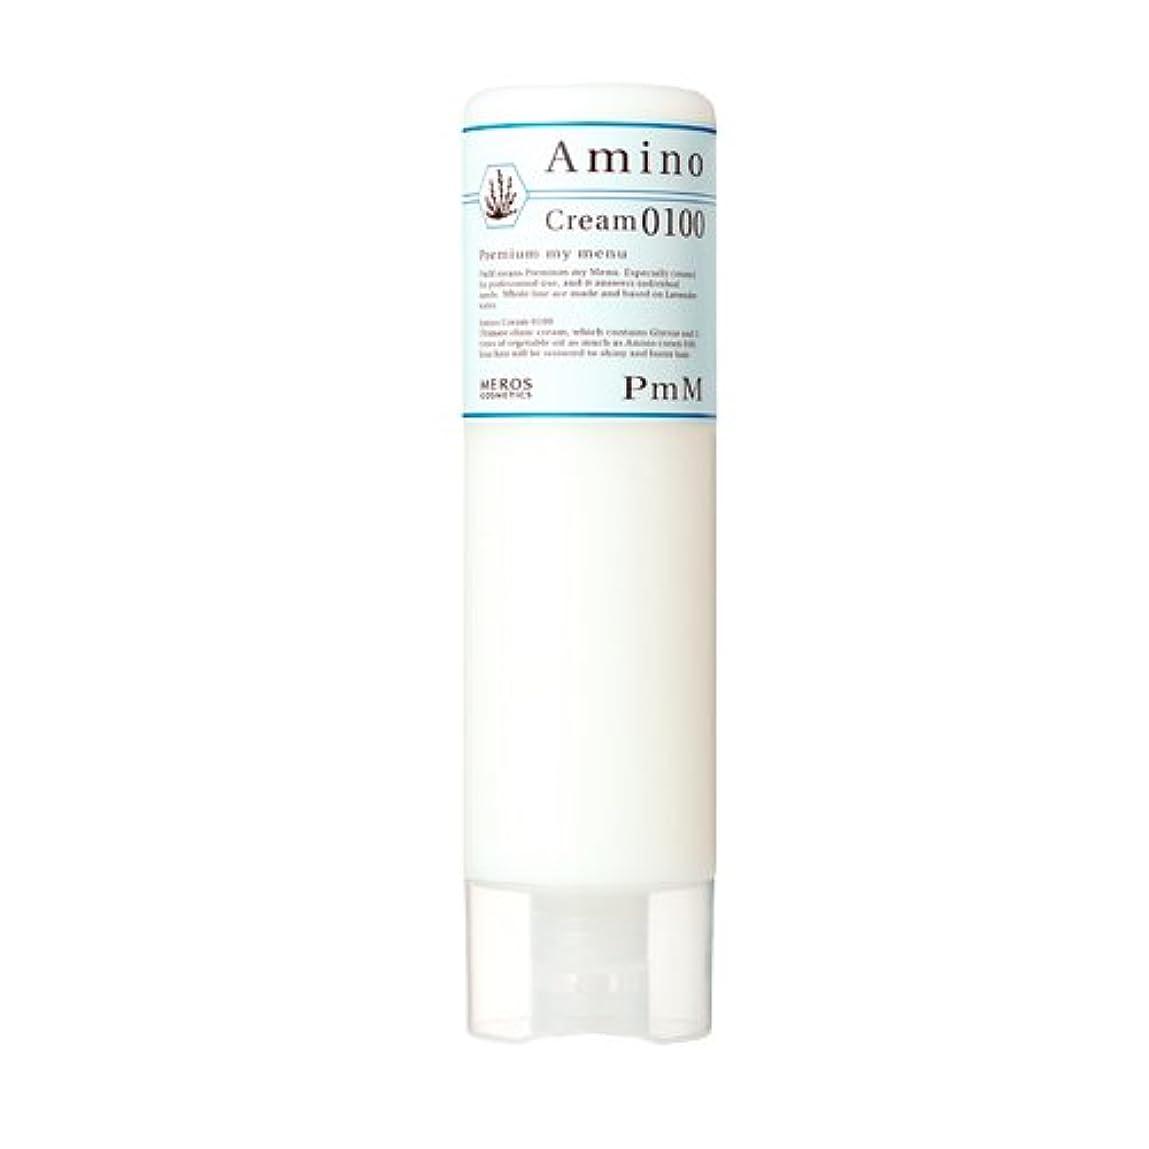 顎咳掃除メロスコスメティックス PmM アミノクリーム0100(しっとりタイプ) 300g